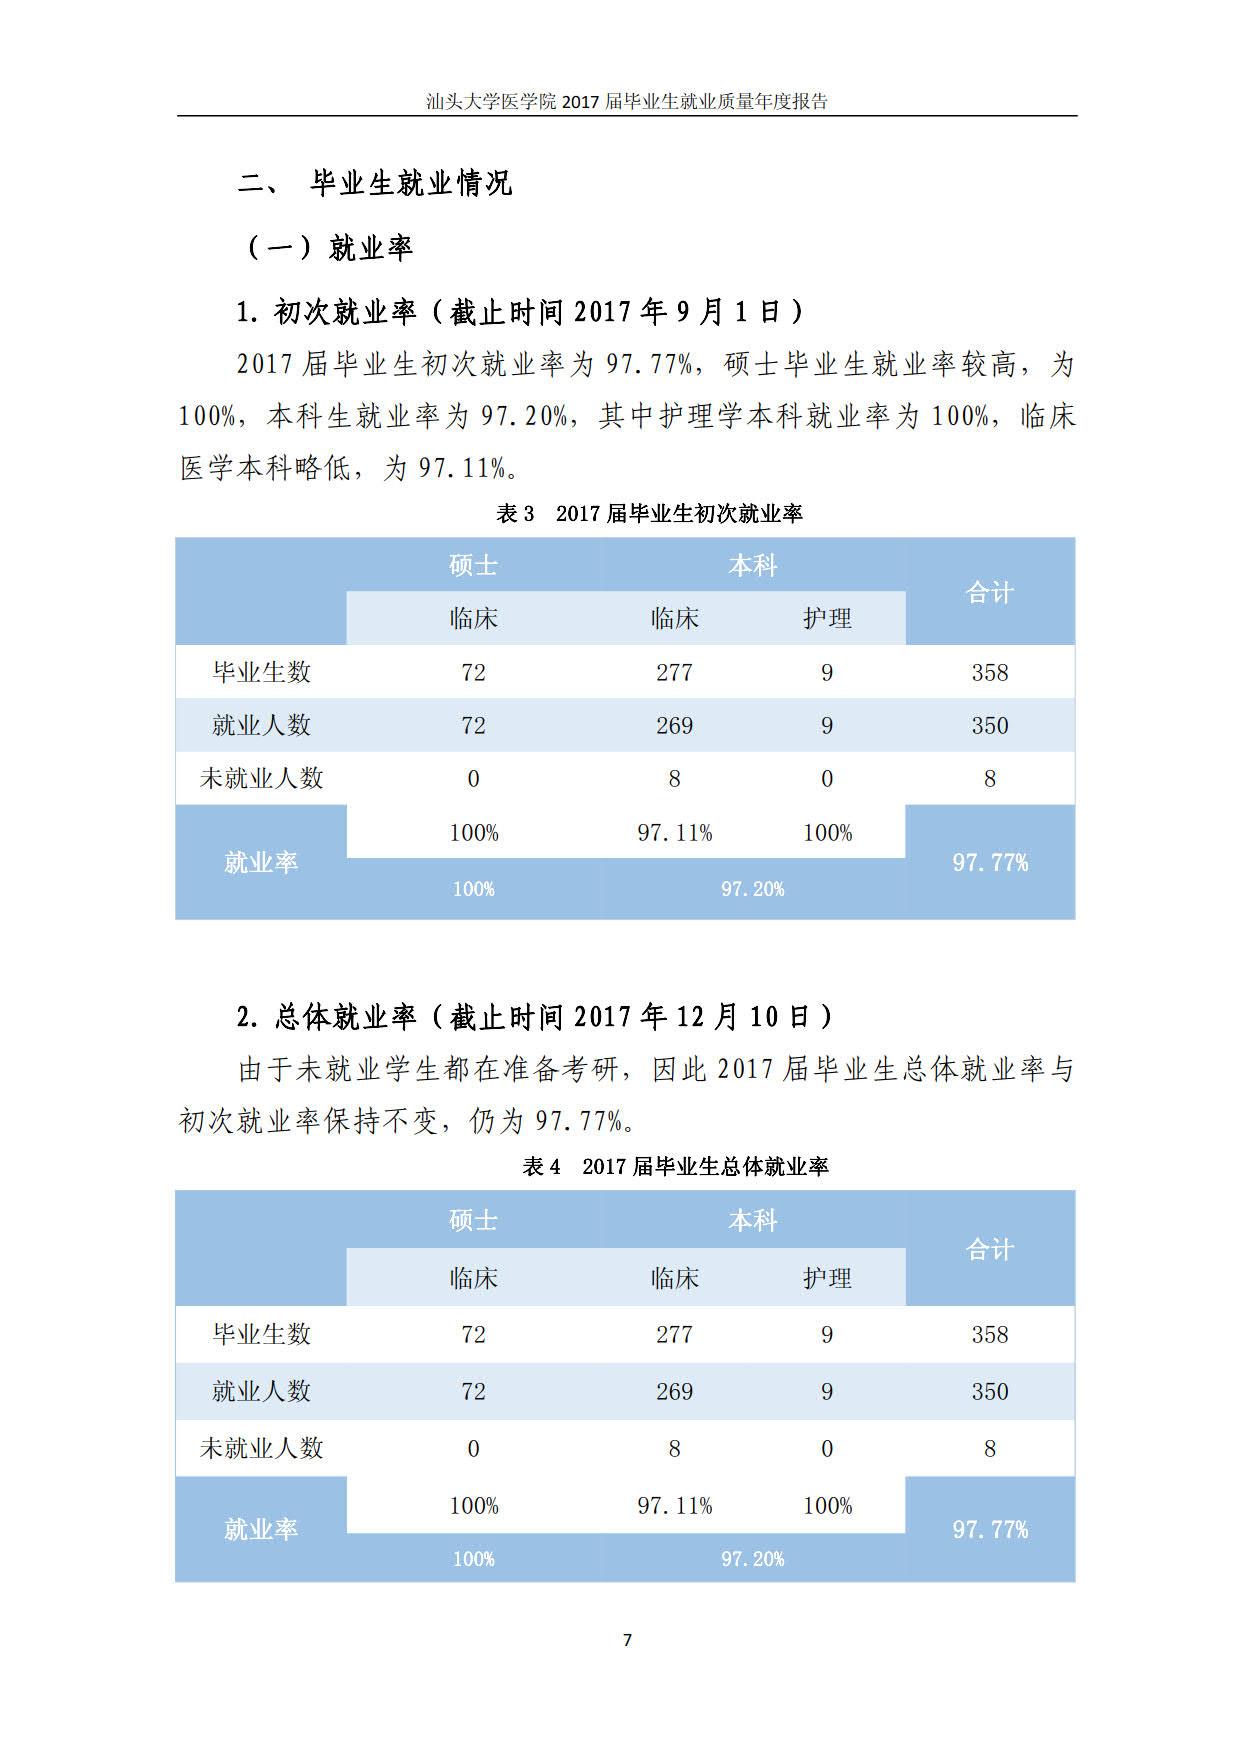 汕头大学2017届本科毕业生最终就业情况统计表